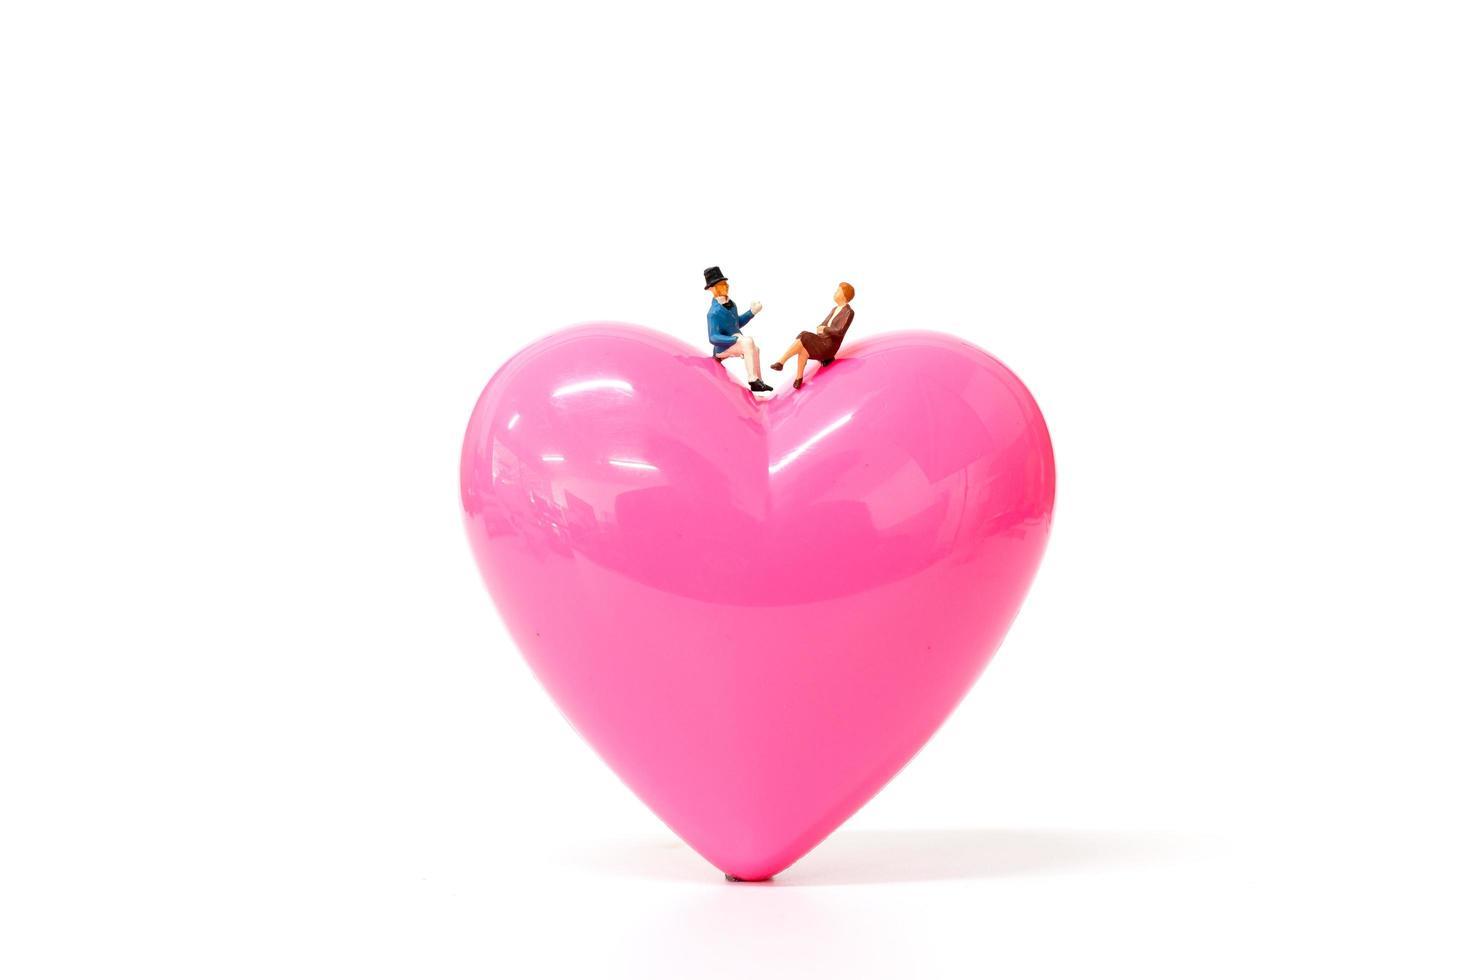 Pareja en miniatura con un corazón de color rosa sobre un fondo blanco, el concepto de San Valentín foto